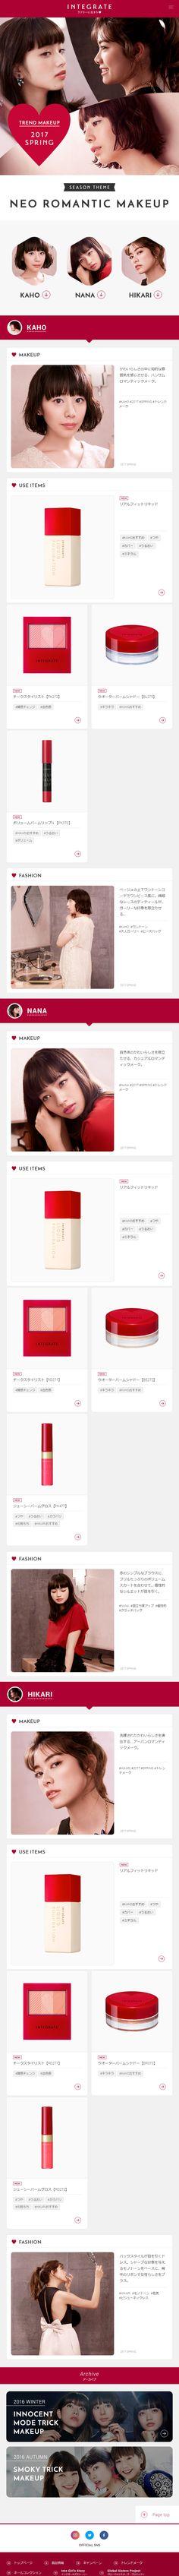 http://www.shiseido.co.jp/ie/trends/